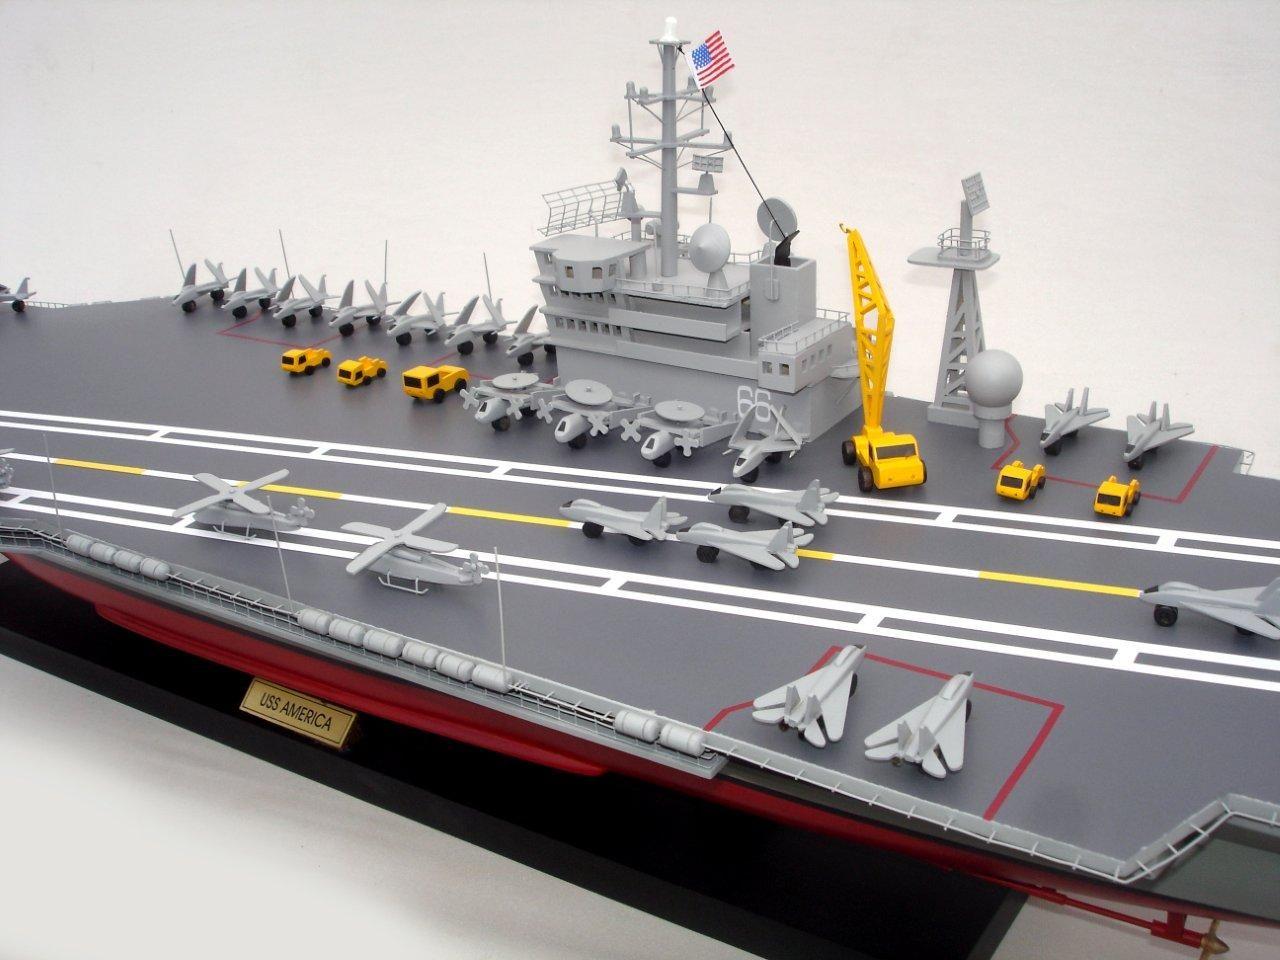 1944-12494-Aircraft-Carrier-Uss-America-CV-66-ship-model